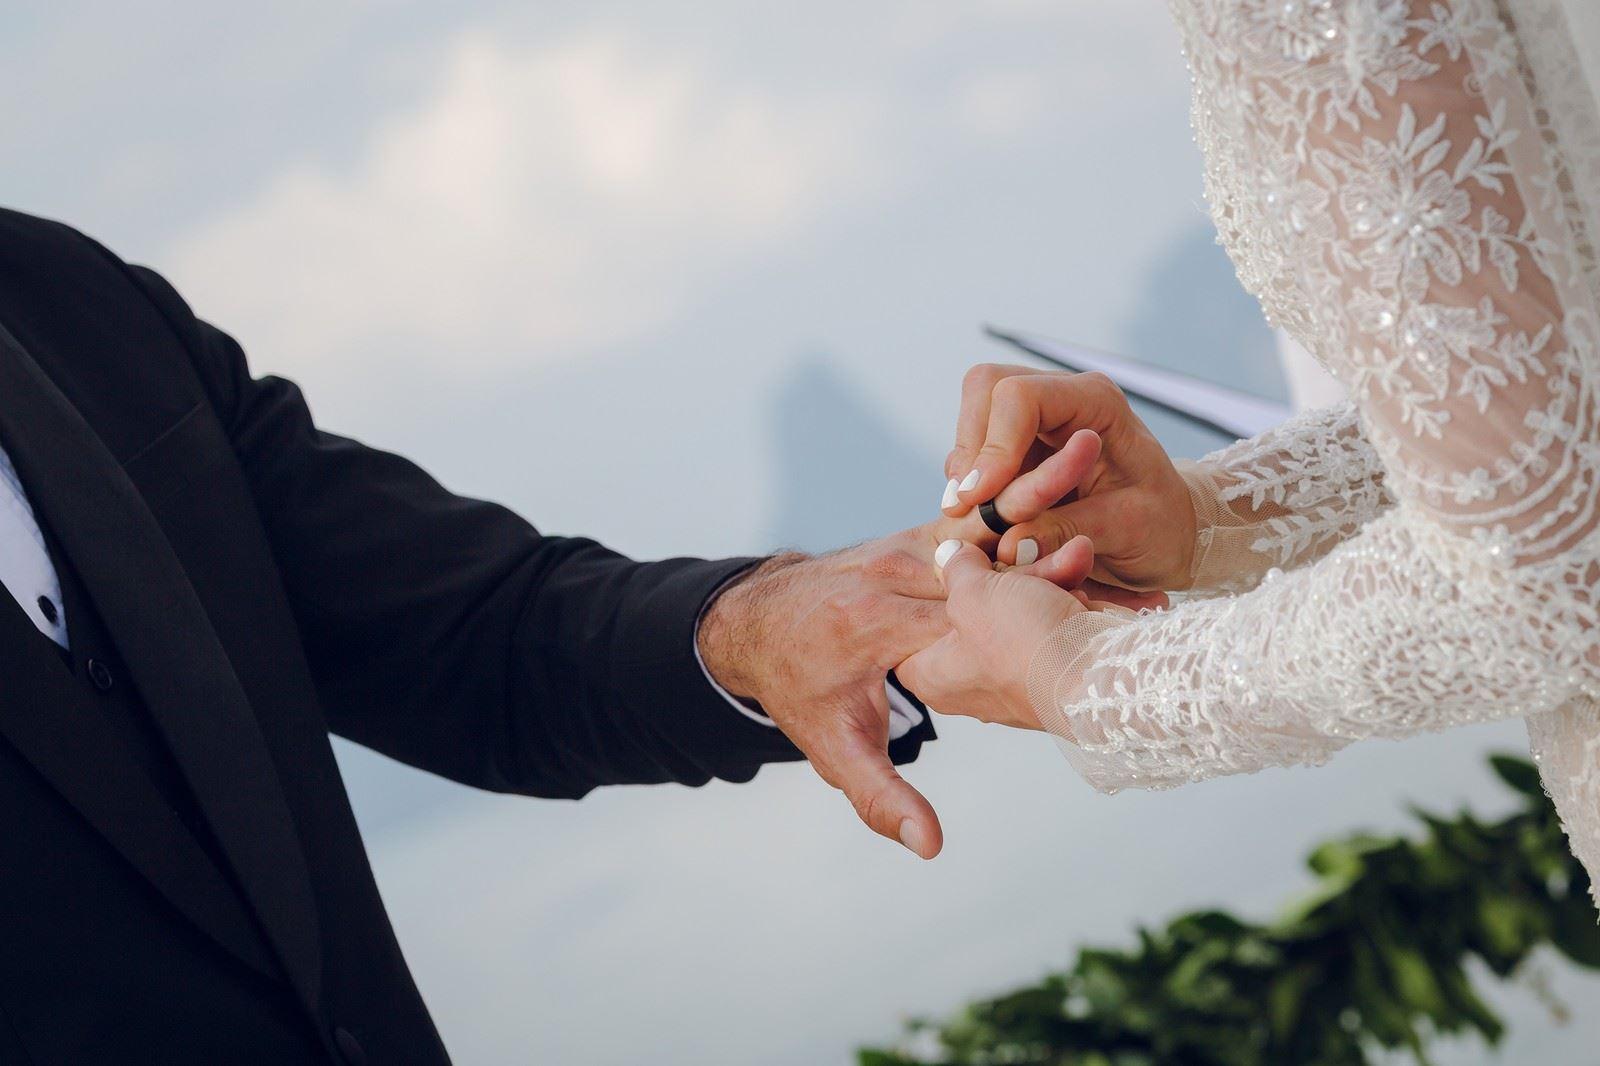 wanita ni taknak kahwin sebab pengantin lelaki tak tahu sifir dua